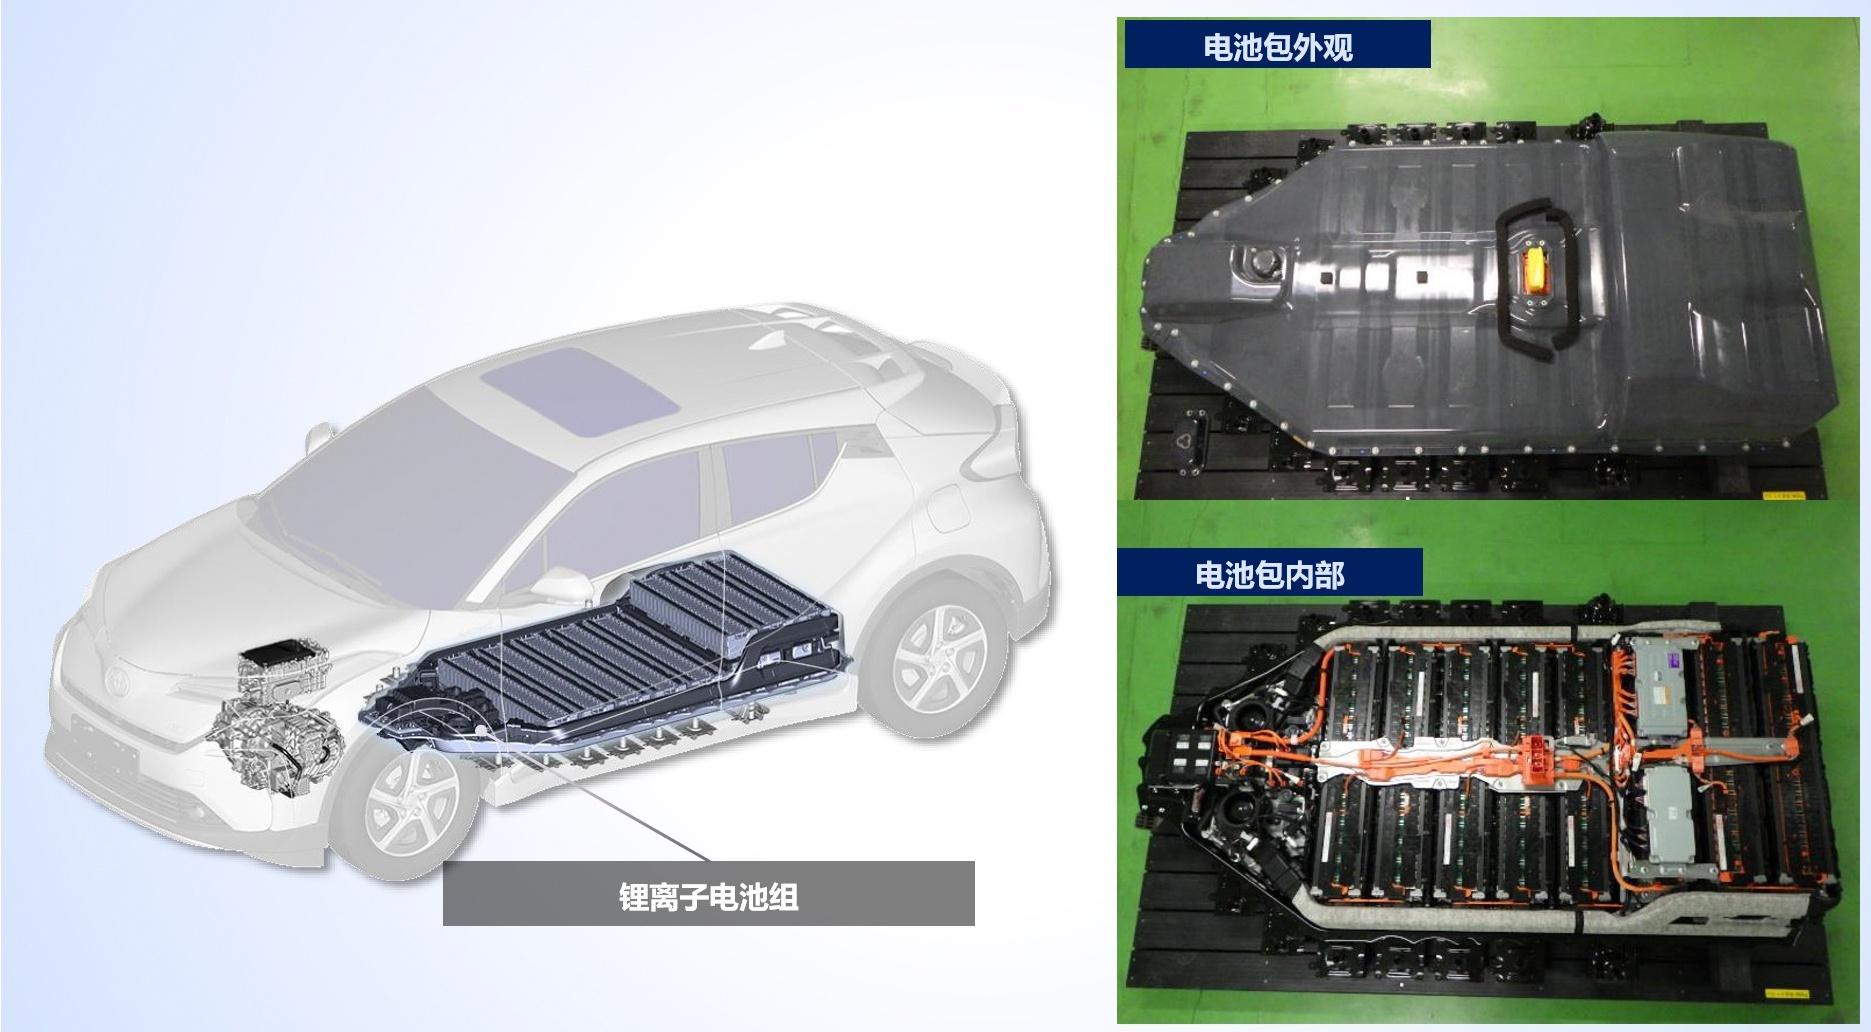 深思熟虑 厚积薄发 丰田终涉足纯电动车领域